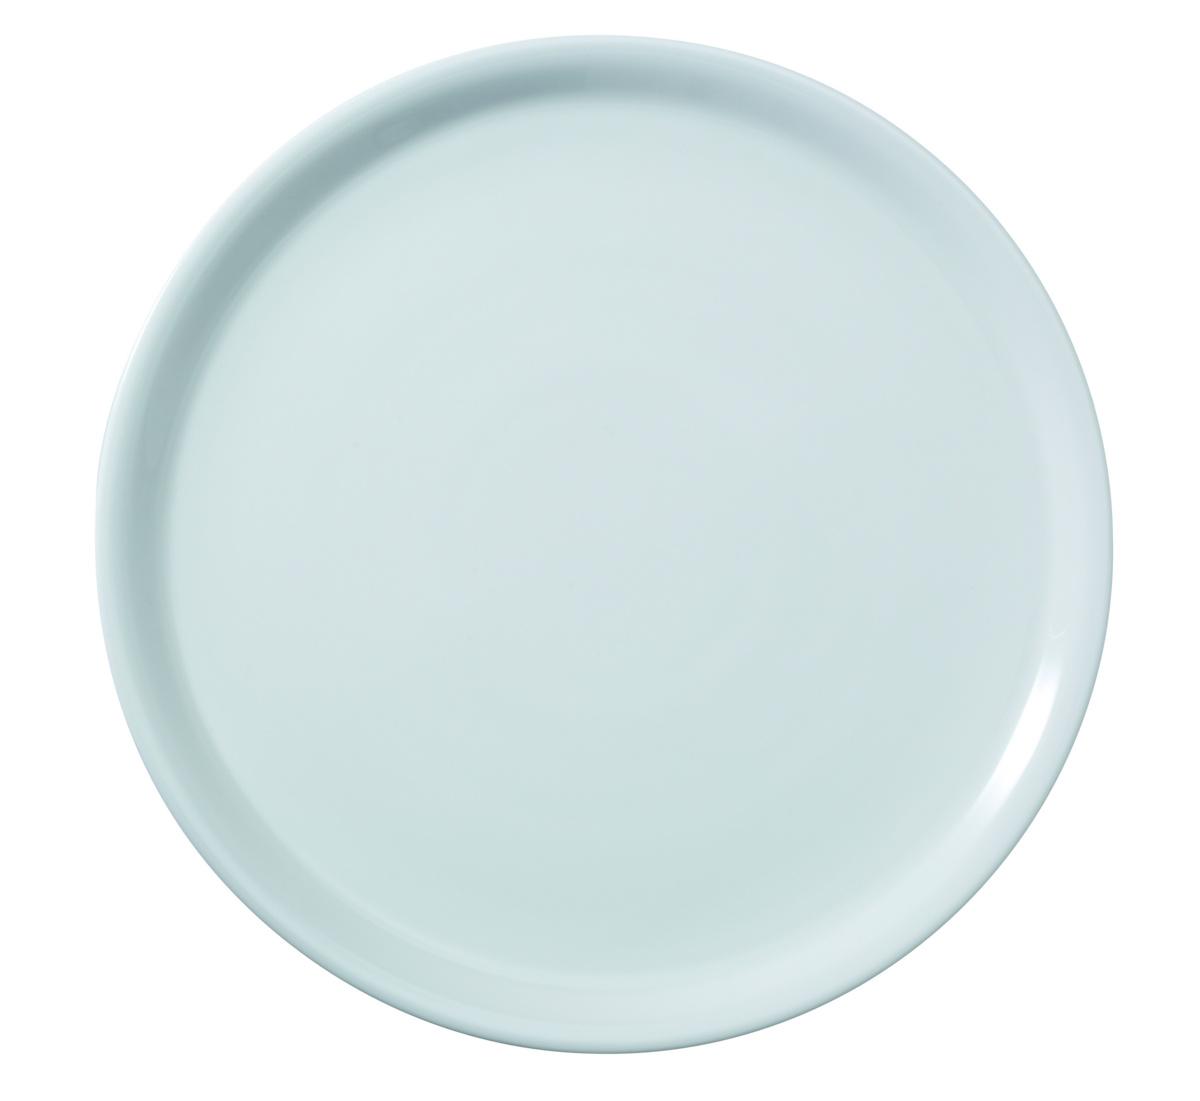 Assiette à pizza rond ivoire Banquet Rak